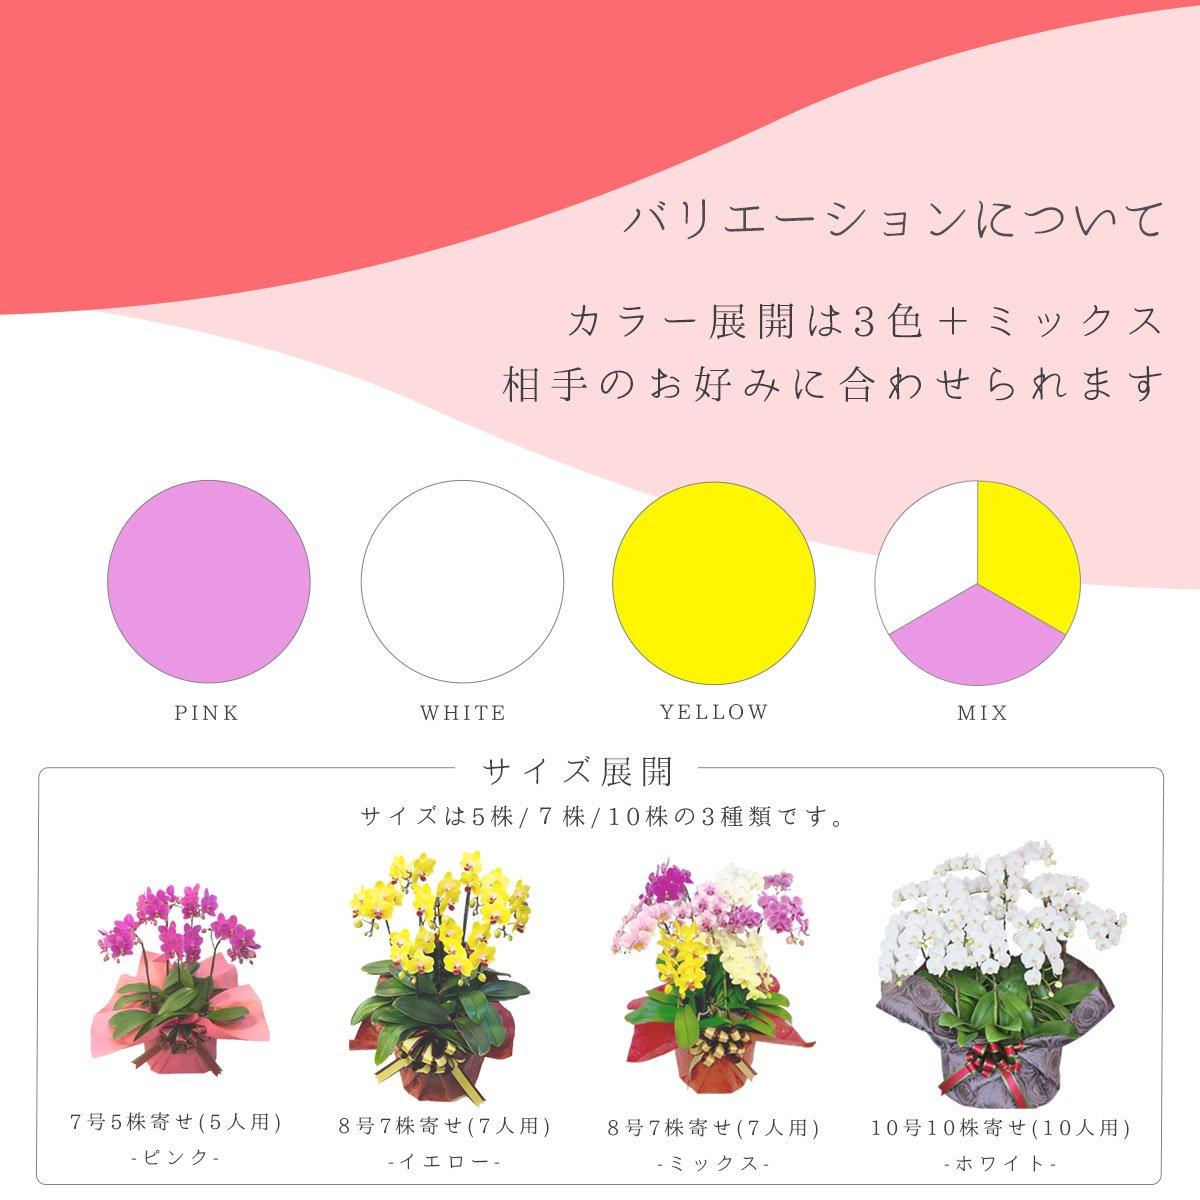 シェアオーキッド シェアできる胡蝶蘭 イエロー 黄色 5本立ち(5株)